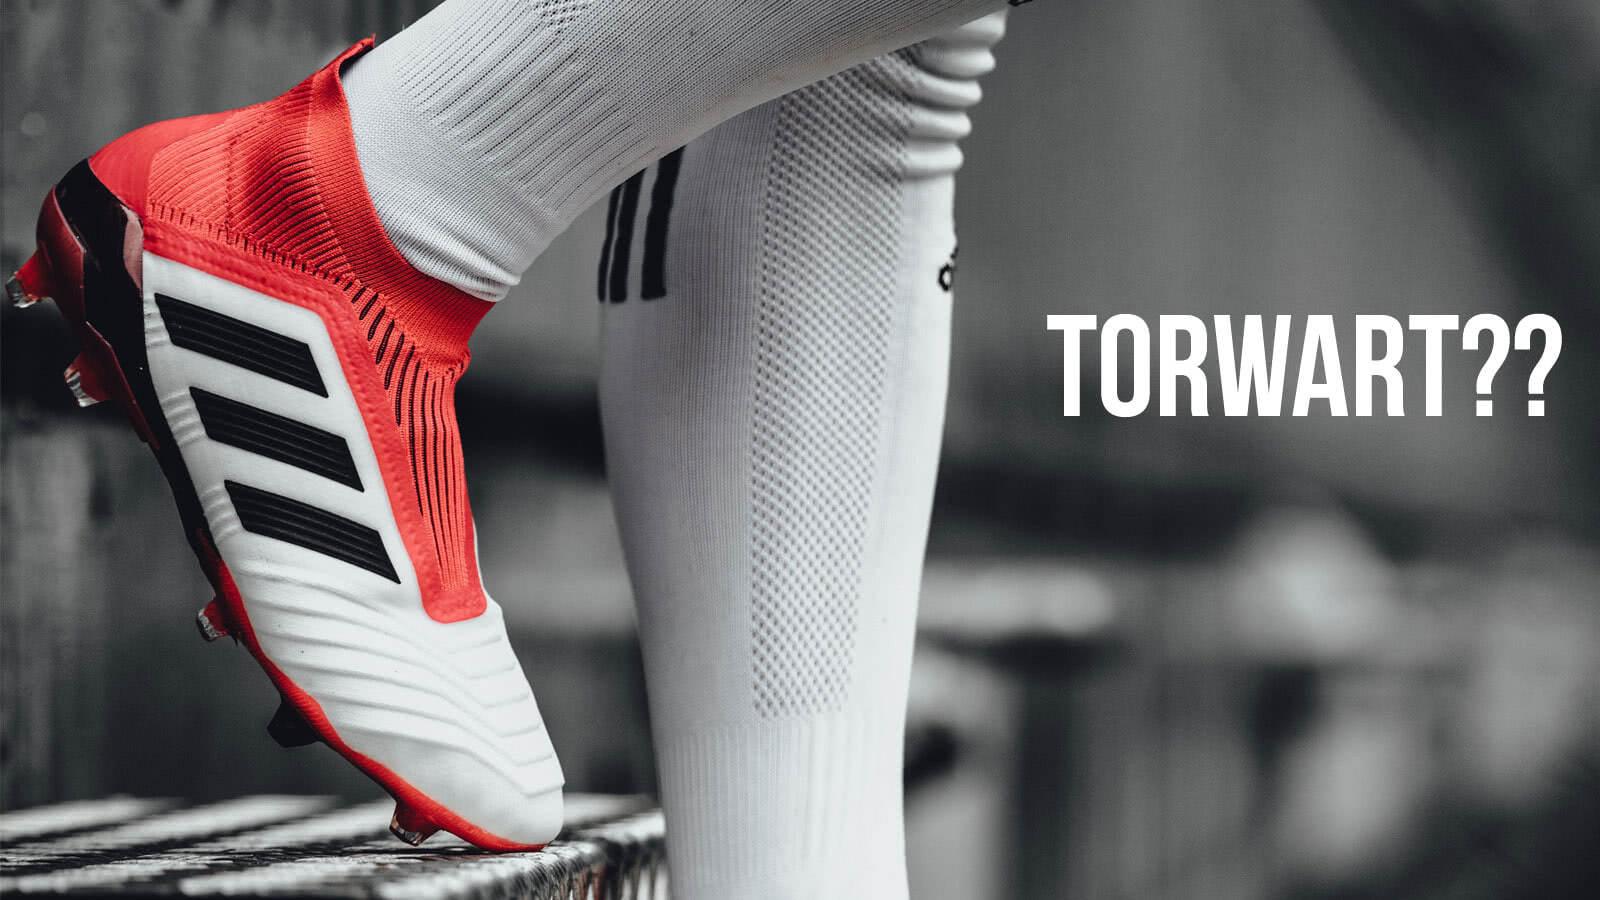 die adidas Predator als Torwart Fußballschuhe. Torhüter Fußballschuhe wie Manuel Neuer